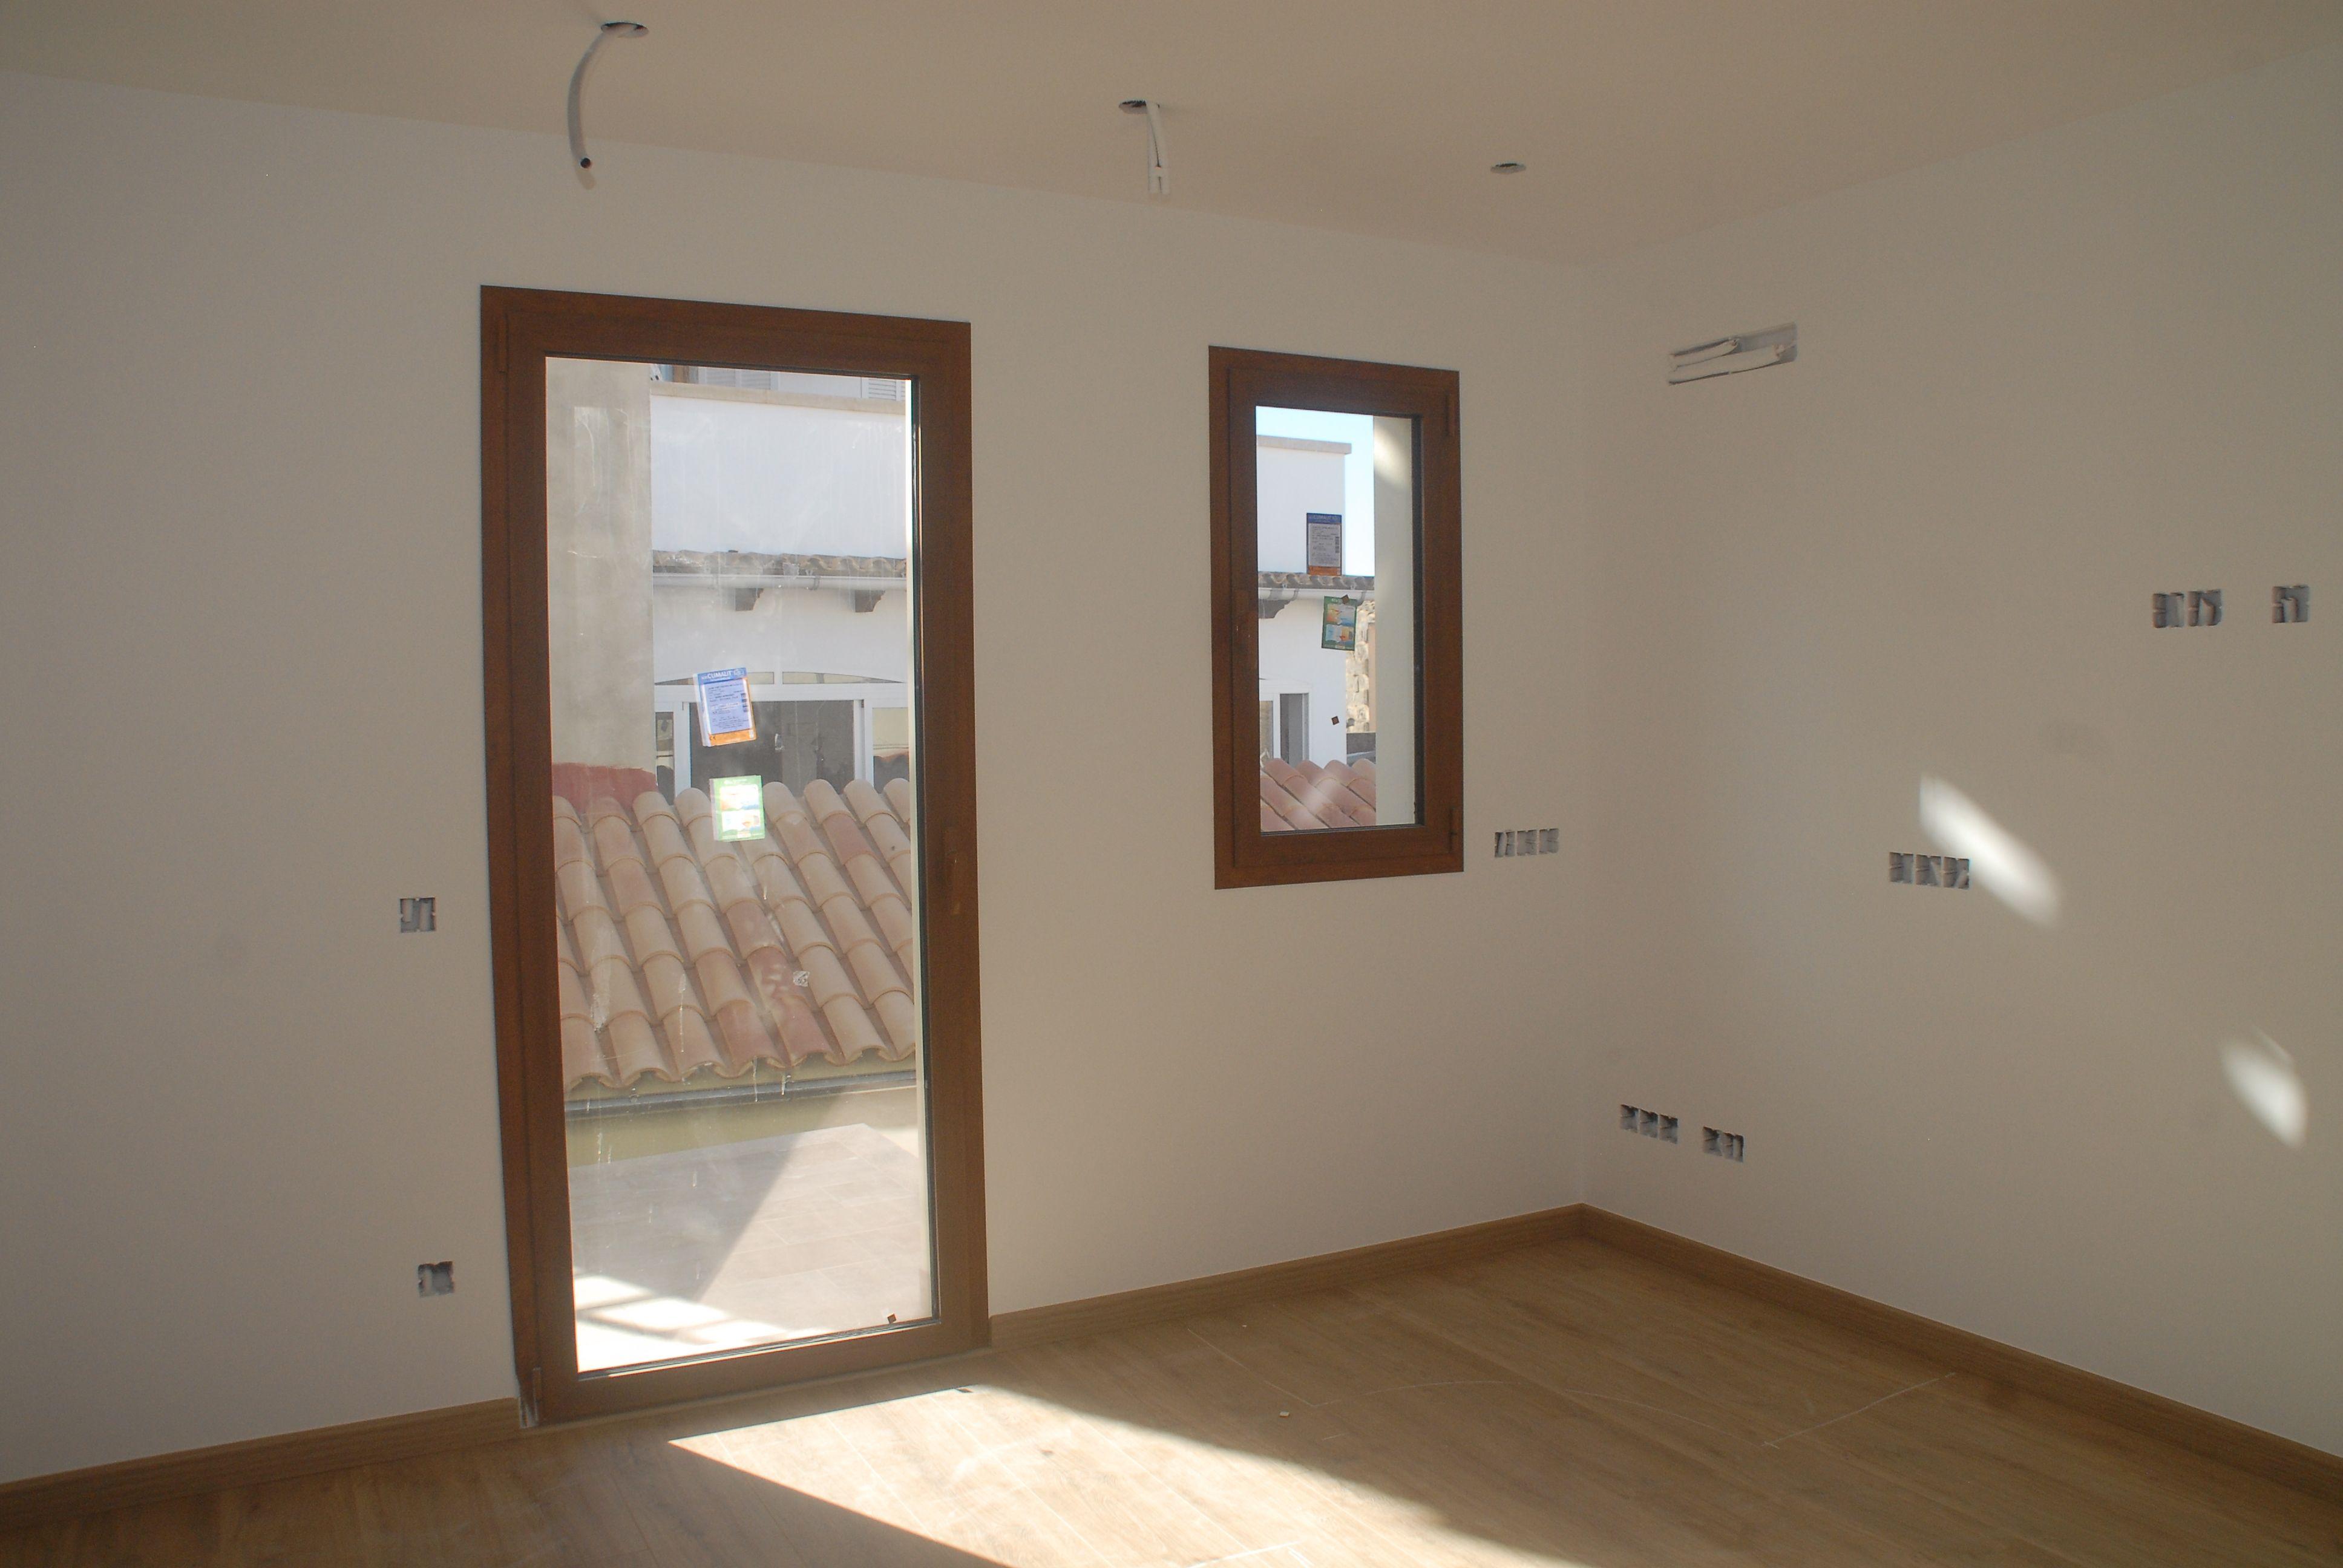 Puertas y ventanas de aluminio de calidad